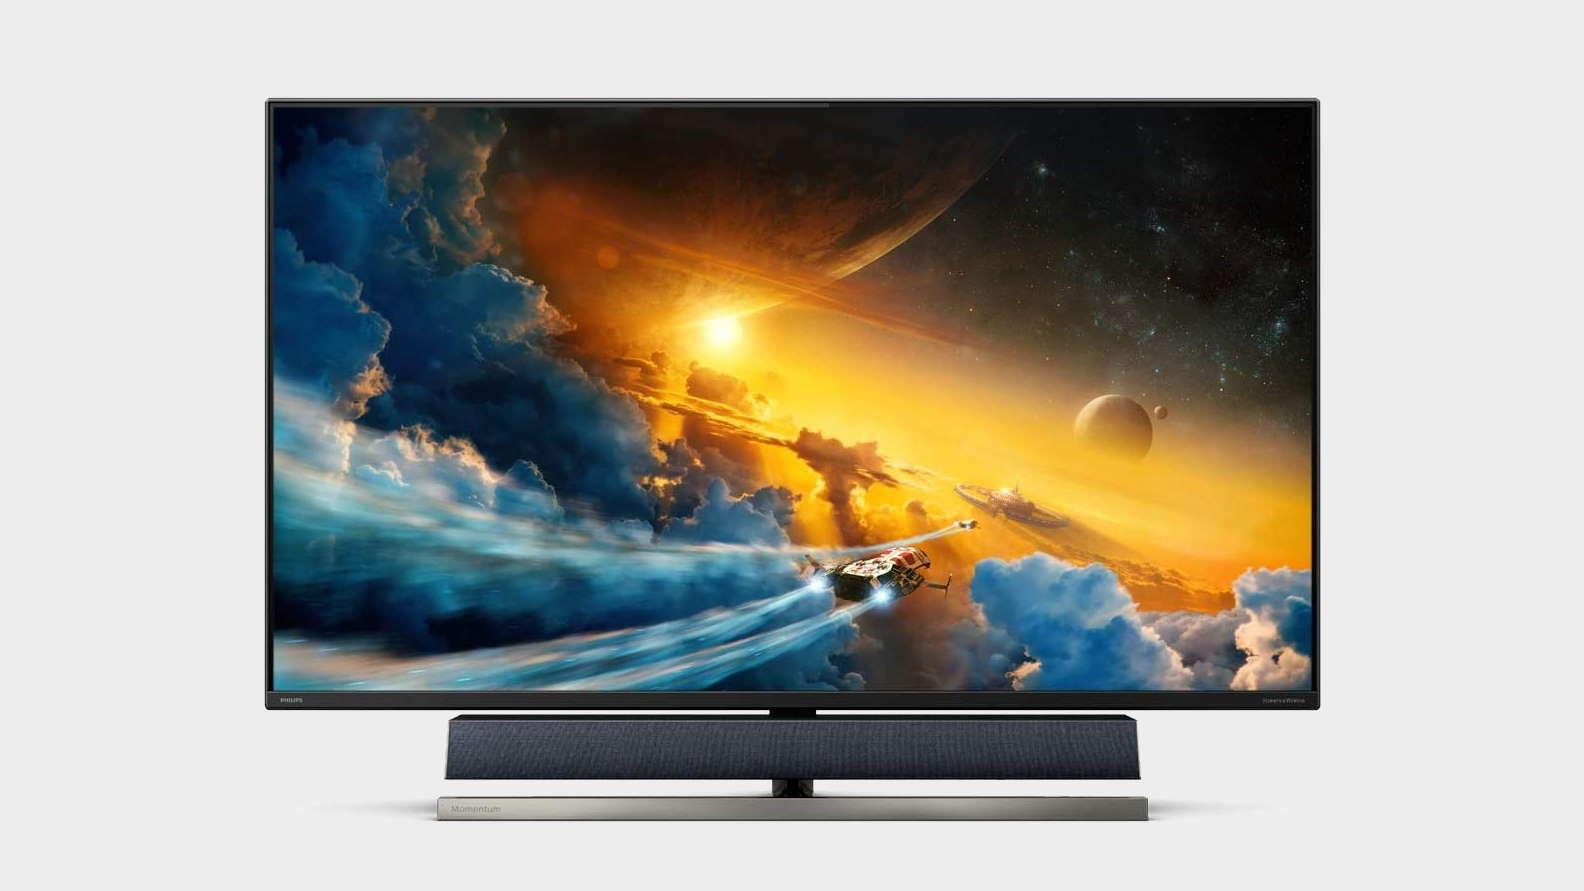 Philips Momentum 558M1RY 55-inch gaming monitor